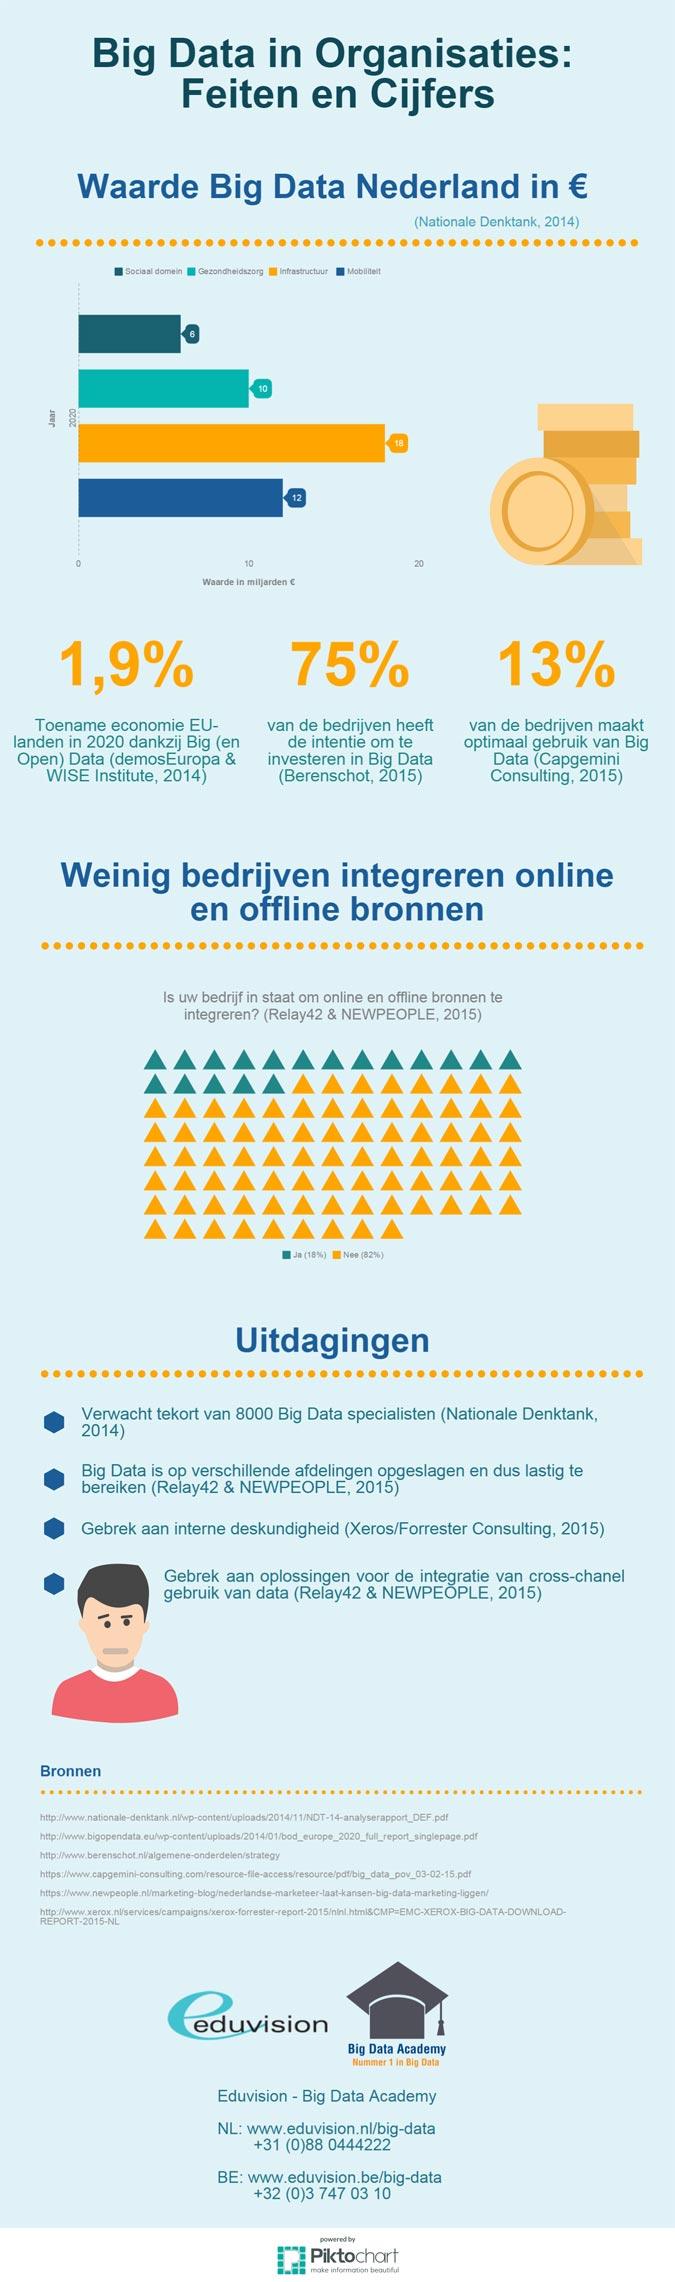 infographic Big Data en Organisaties - Feiten en Cijfers